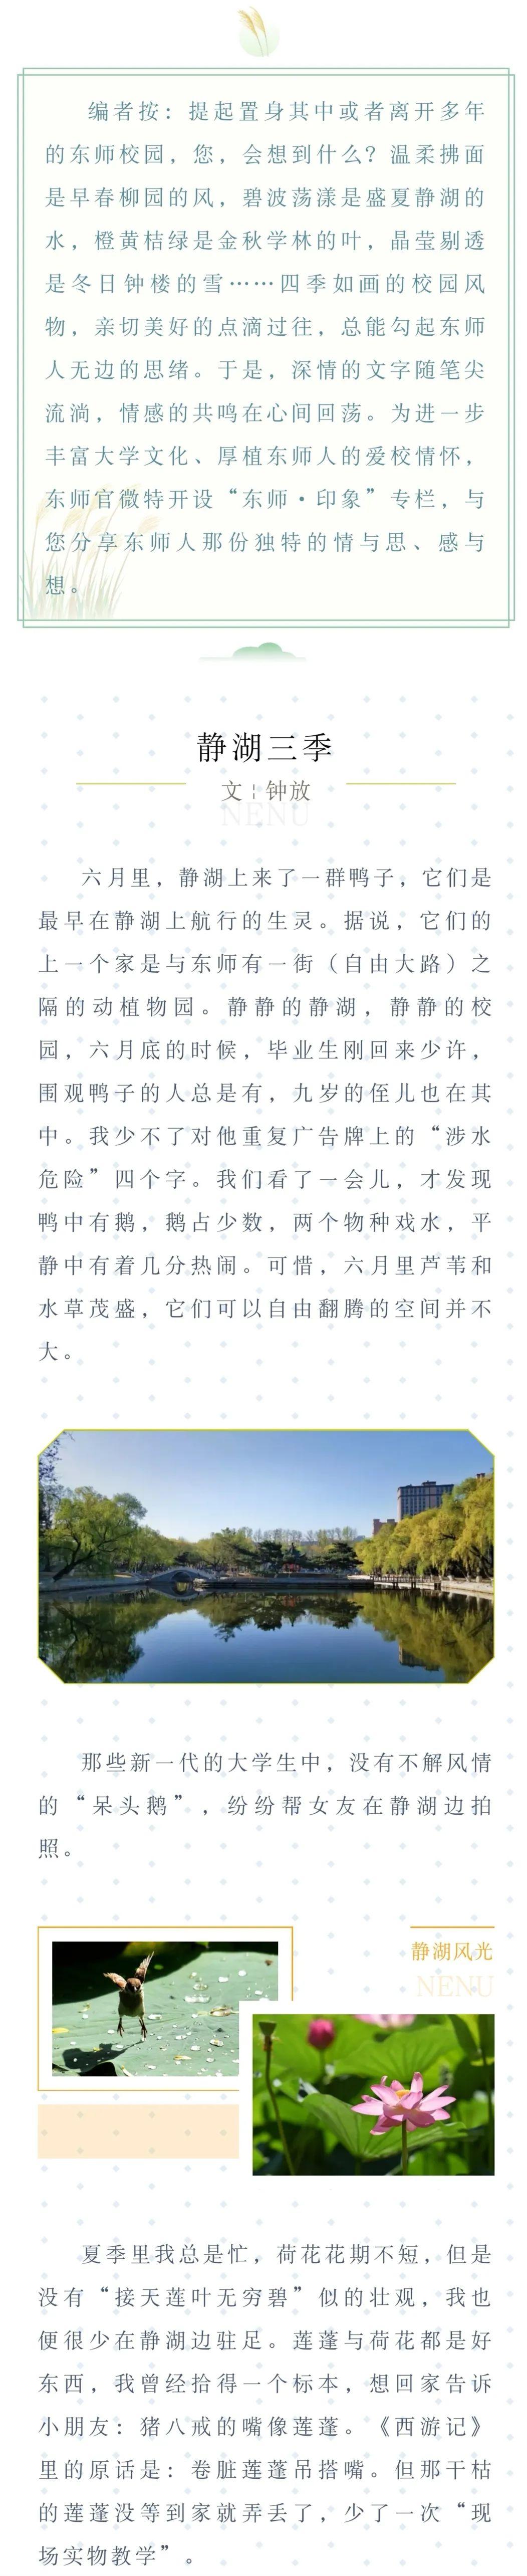 东师·印象 | 静湖三季图片